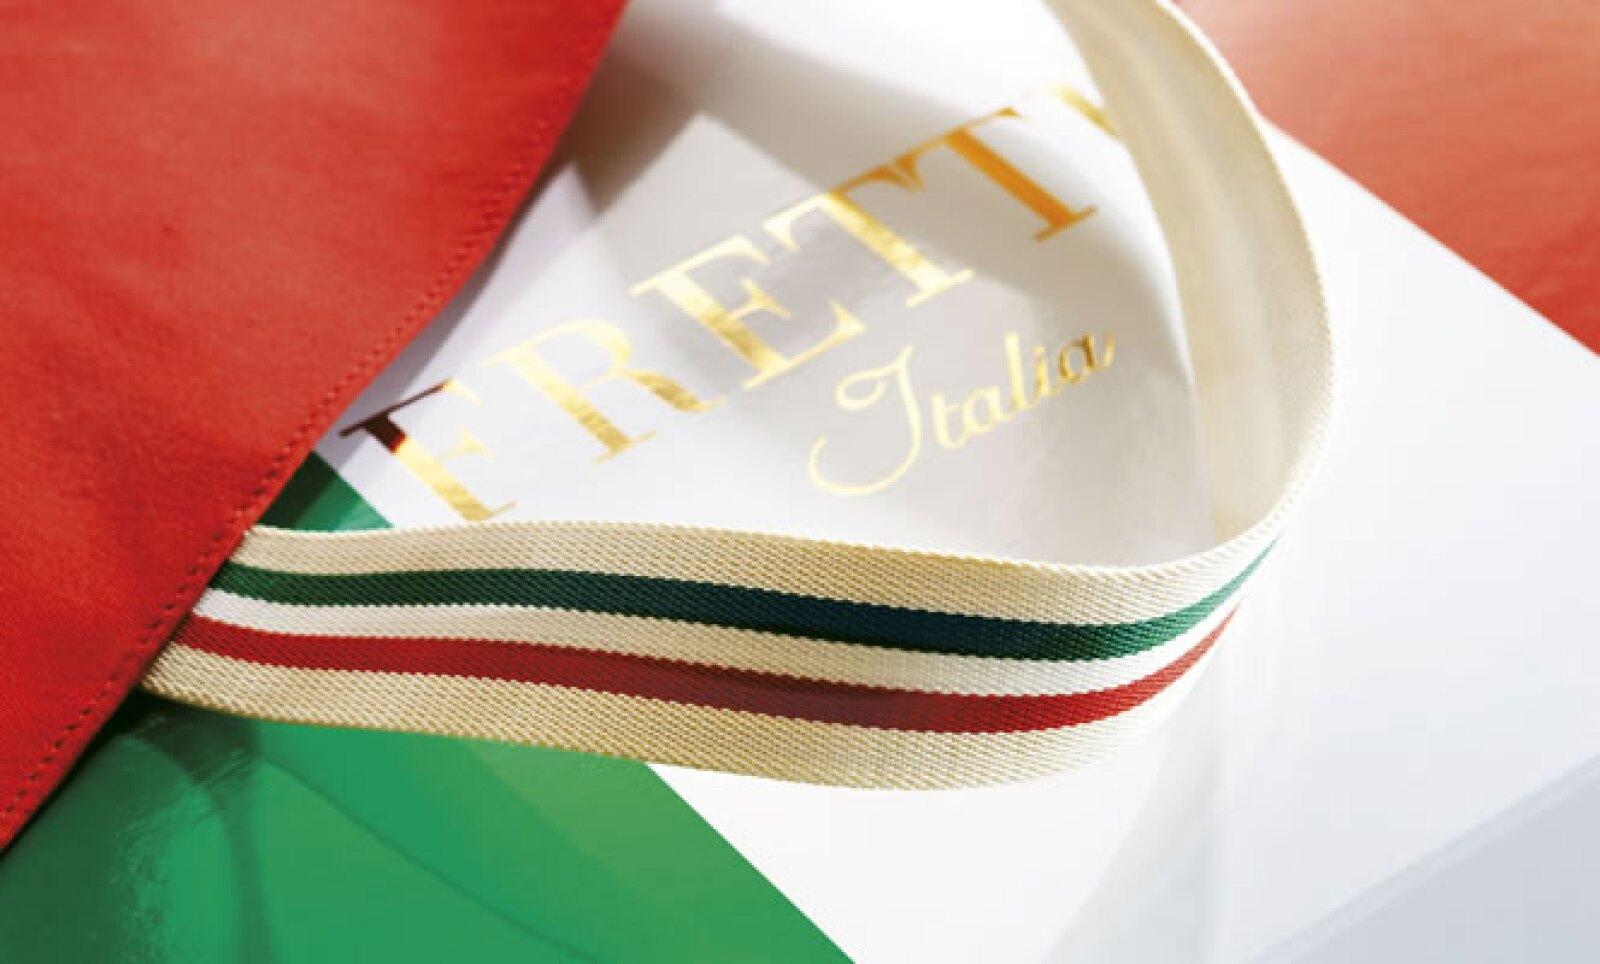 El diseño evoca el famoso 'Tricolore' de Italia (la bandera roja, blanca y verde) en una paleta sofisticada de color beige con gris pálido y oscuro.